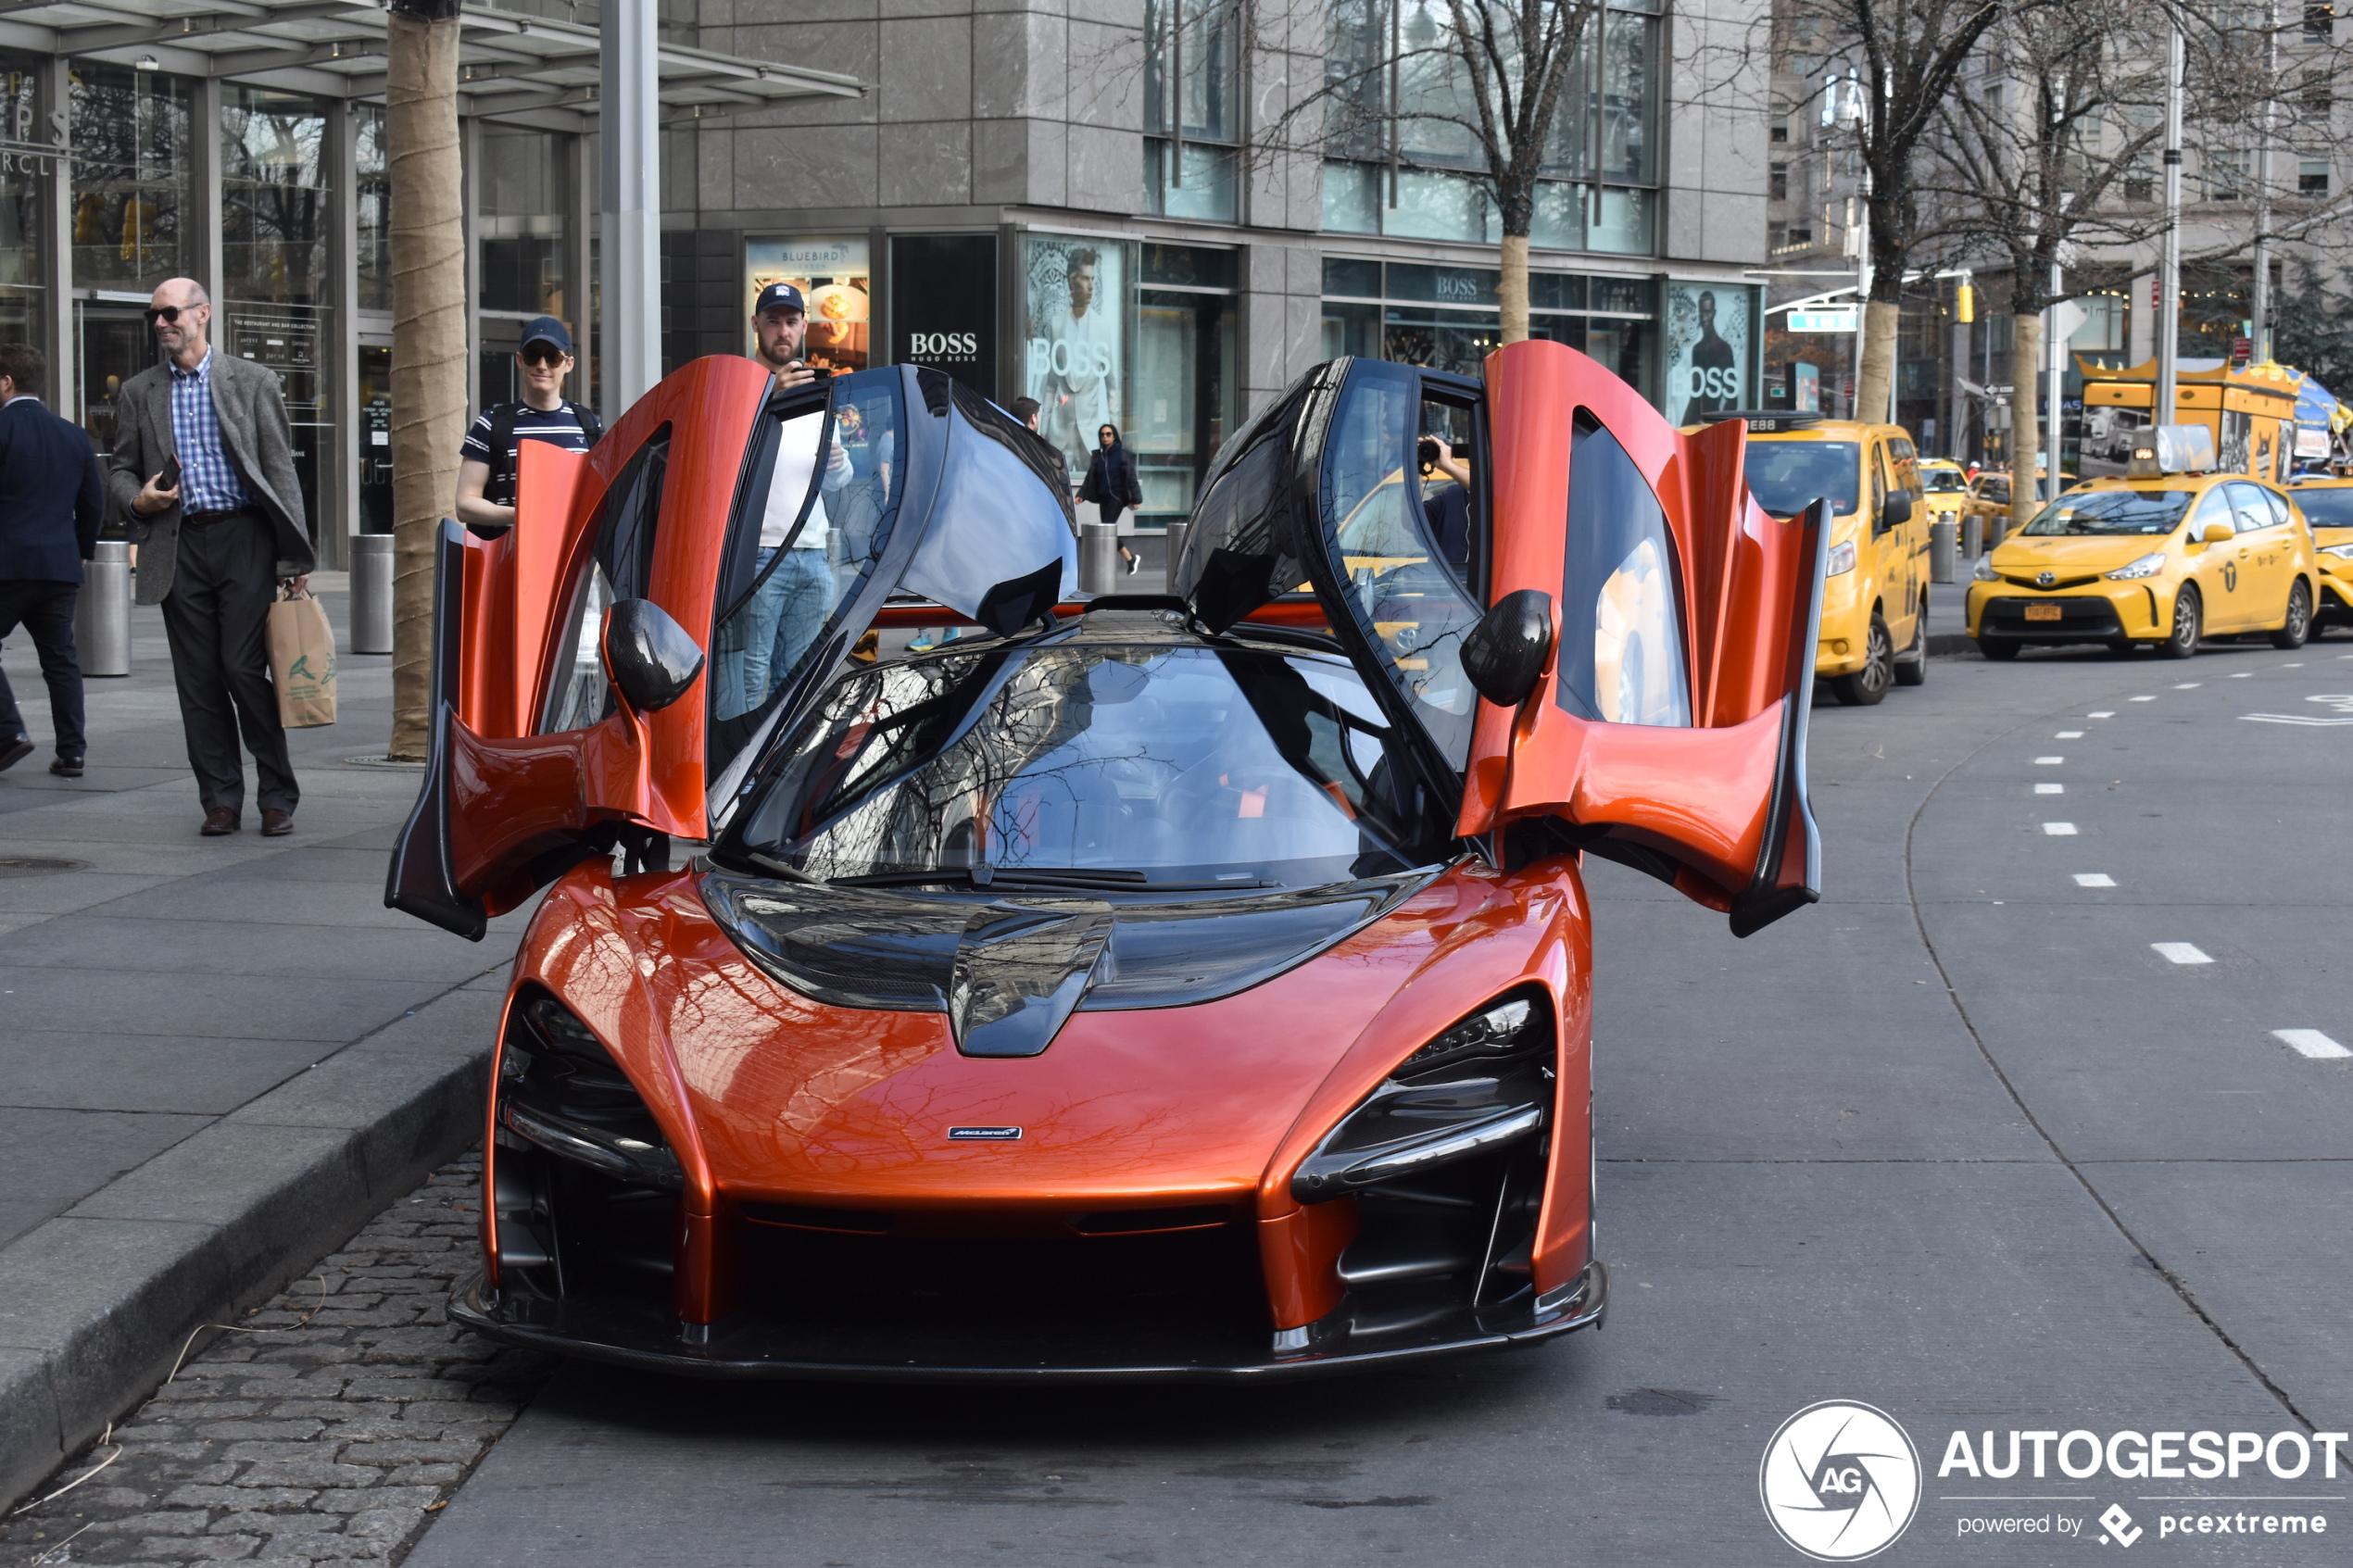 McLaren Senna is weer eens wat anders dan een gele taxi